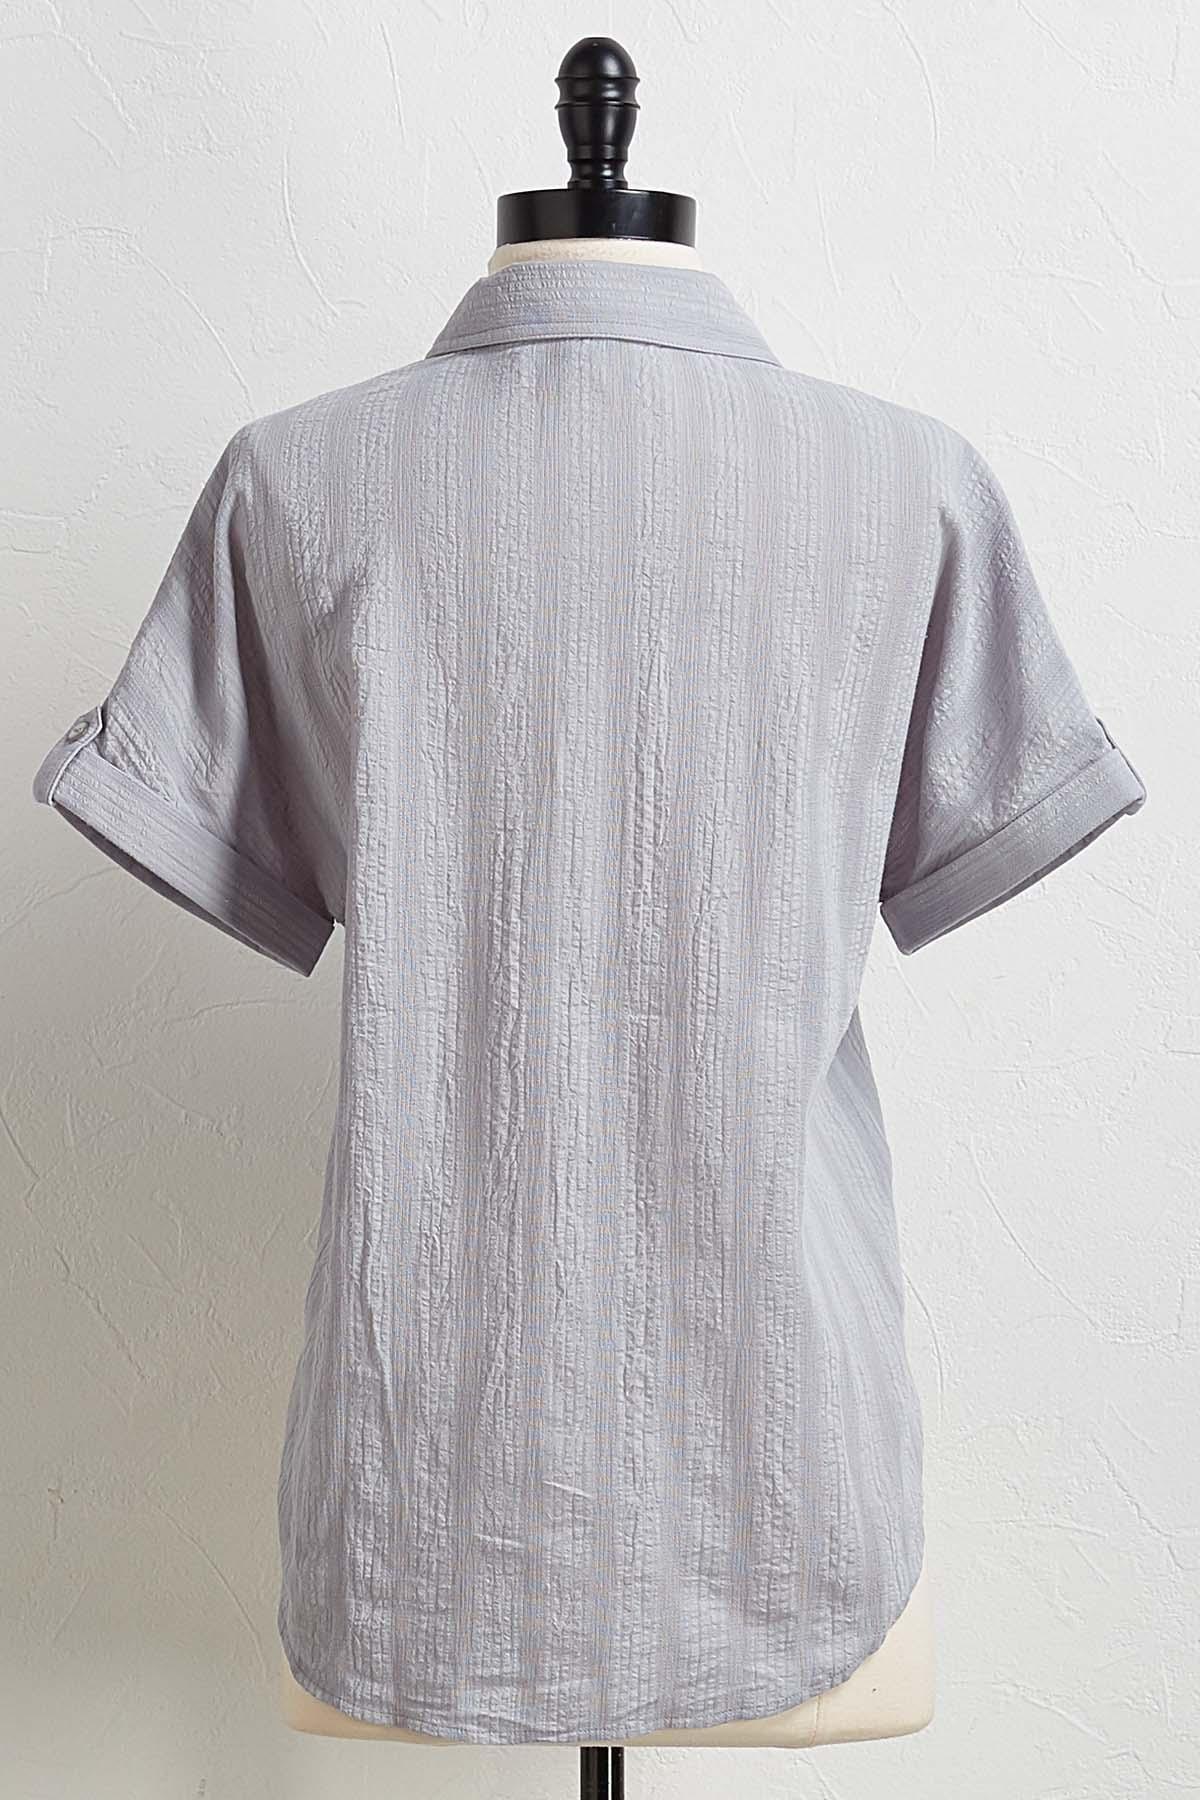 Textured Tie Front Top